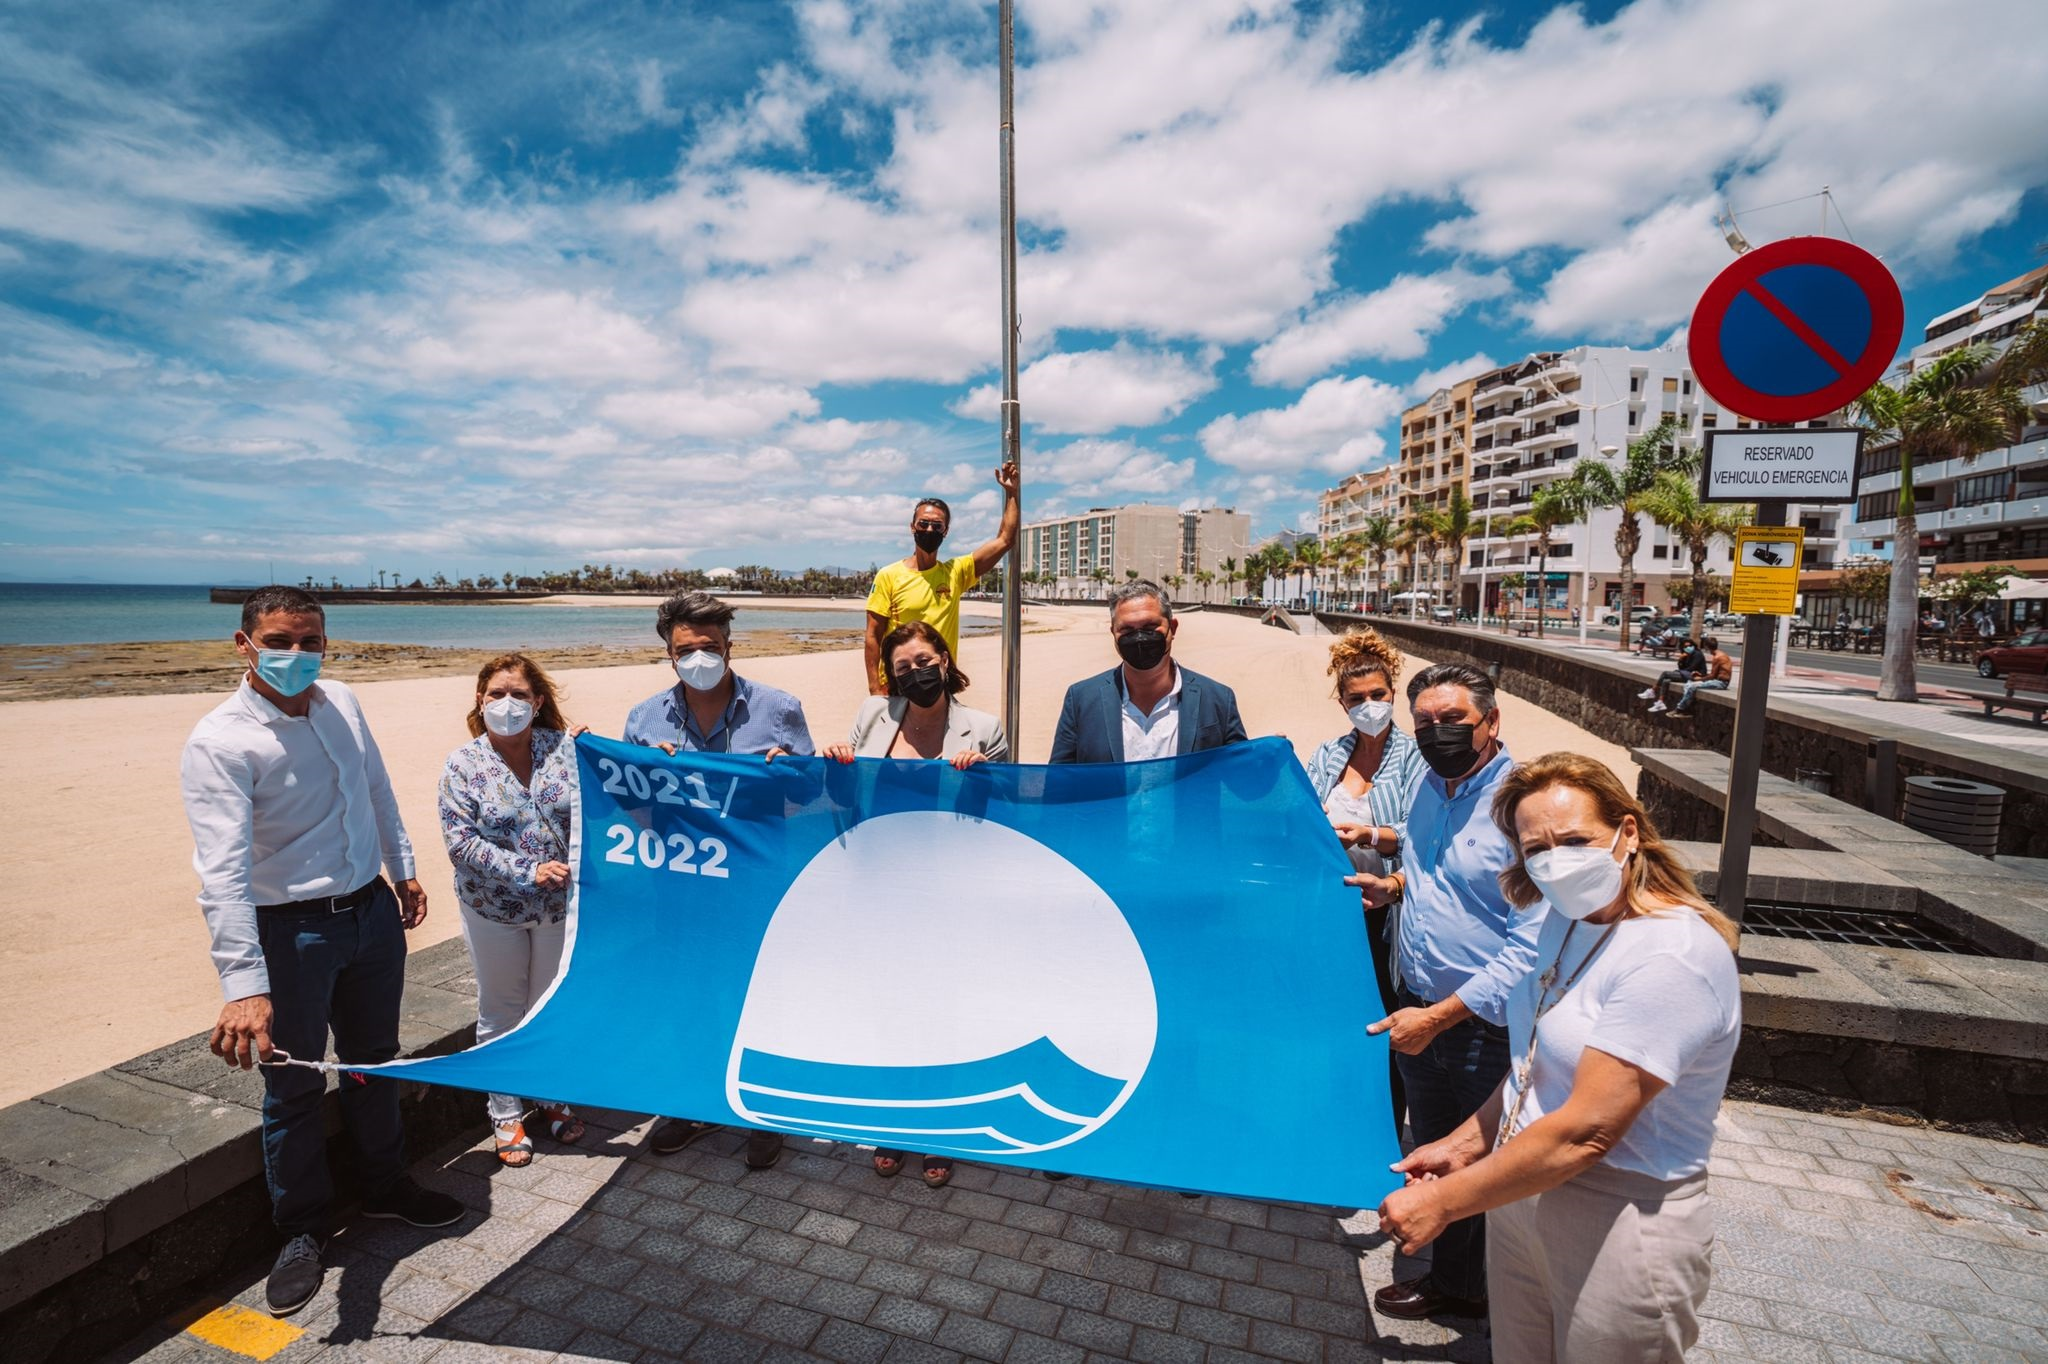 Izado de la Bandera Azul en la playa del Reducto, Arrecife (Lanzarote) / CanariasNoticias.es